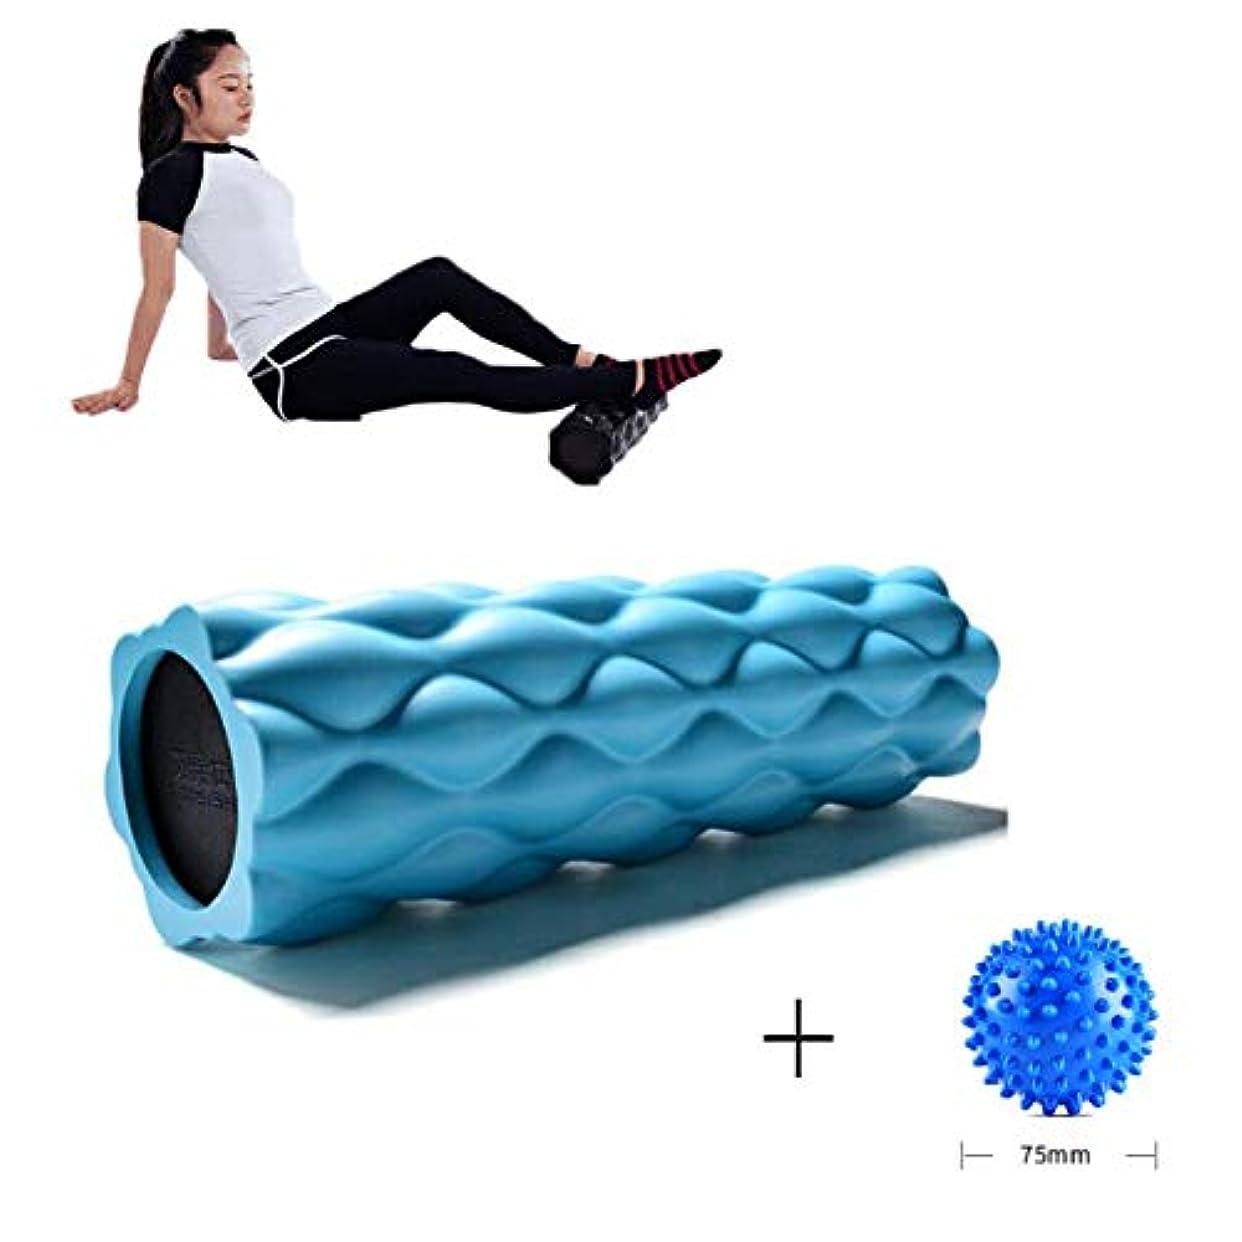 毎月効能チーフフォームローラー 深部組織筋肉マッサージトリガーポイント解放(44.5 x 13.5 cm)のための高密度耐圧脊髄チャンネル,Blue